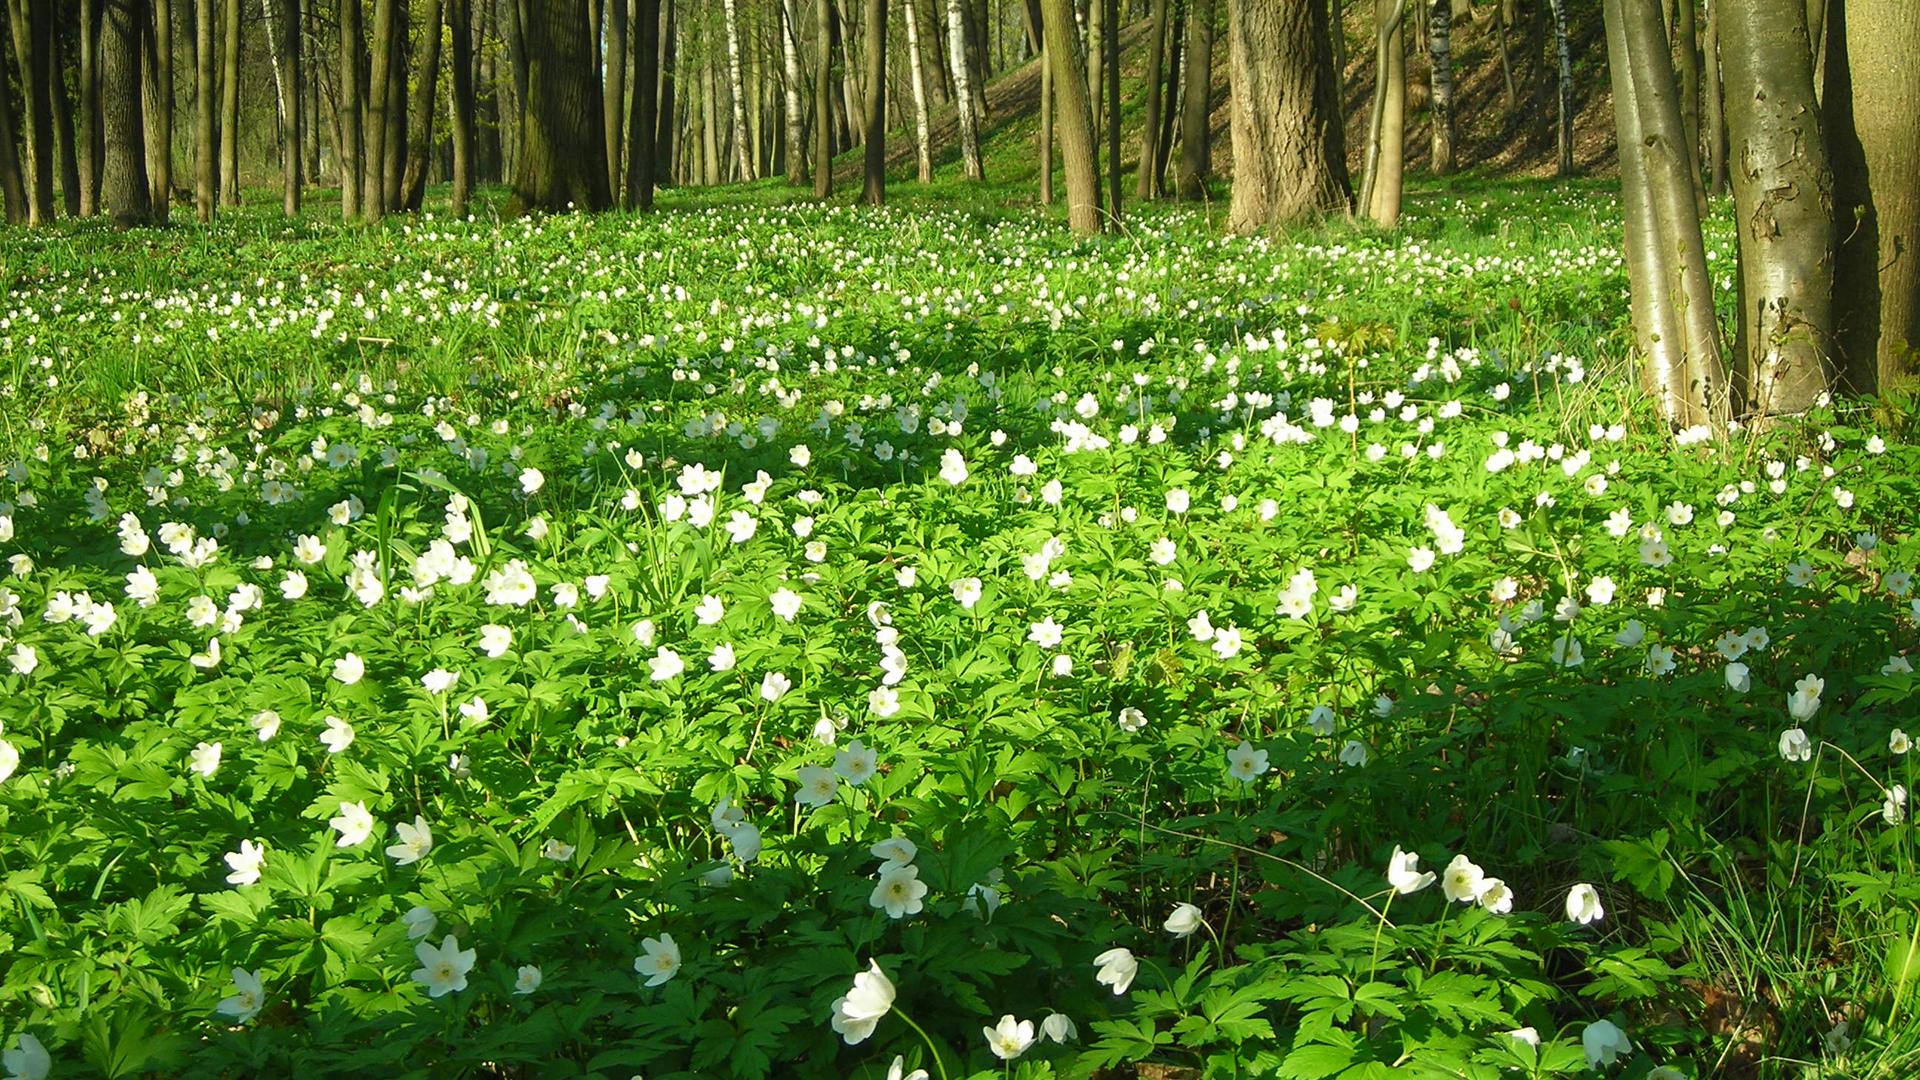 Цветы весенние в лесу